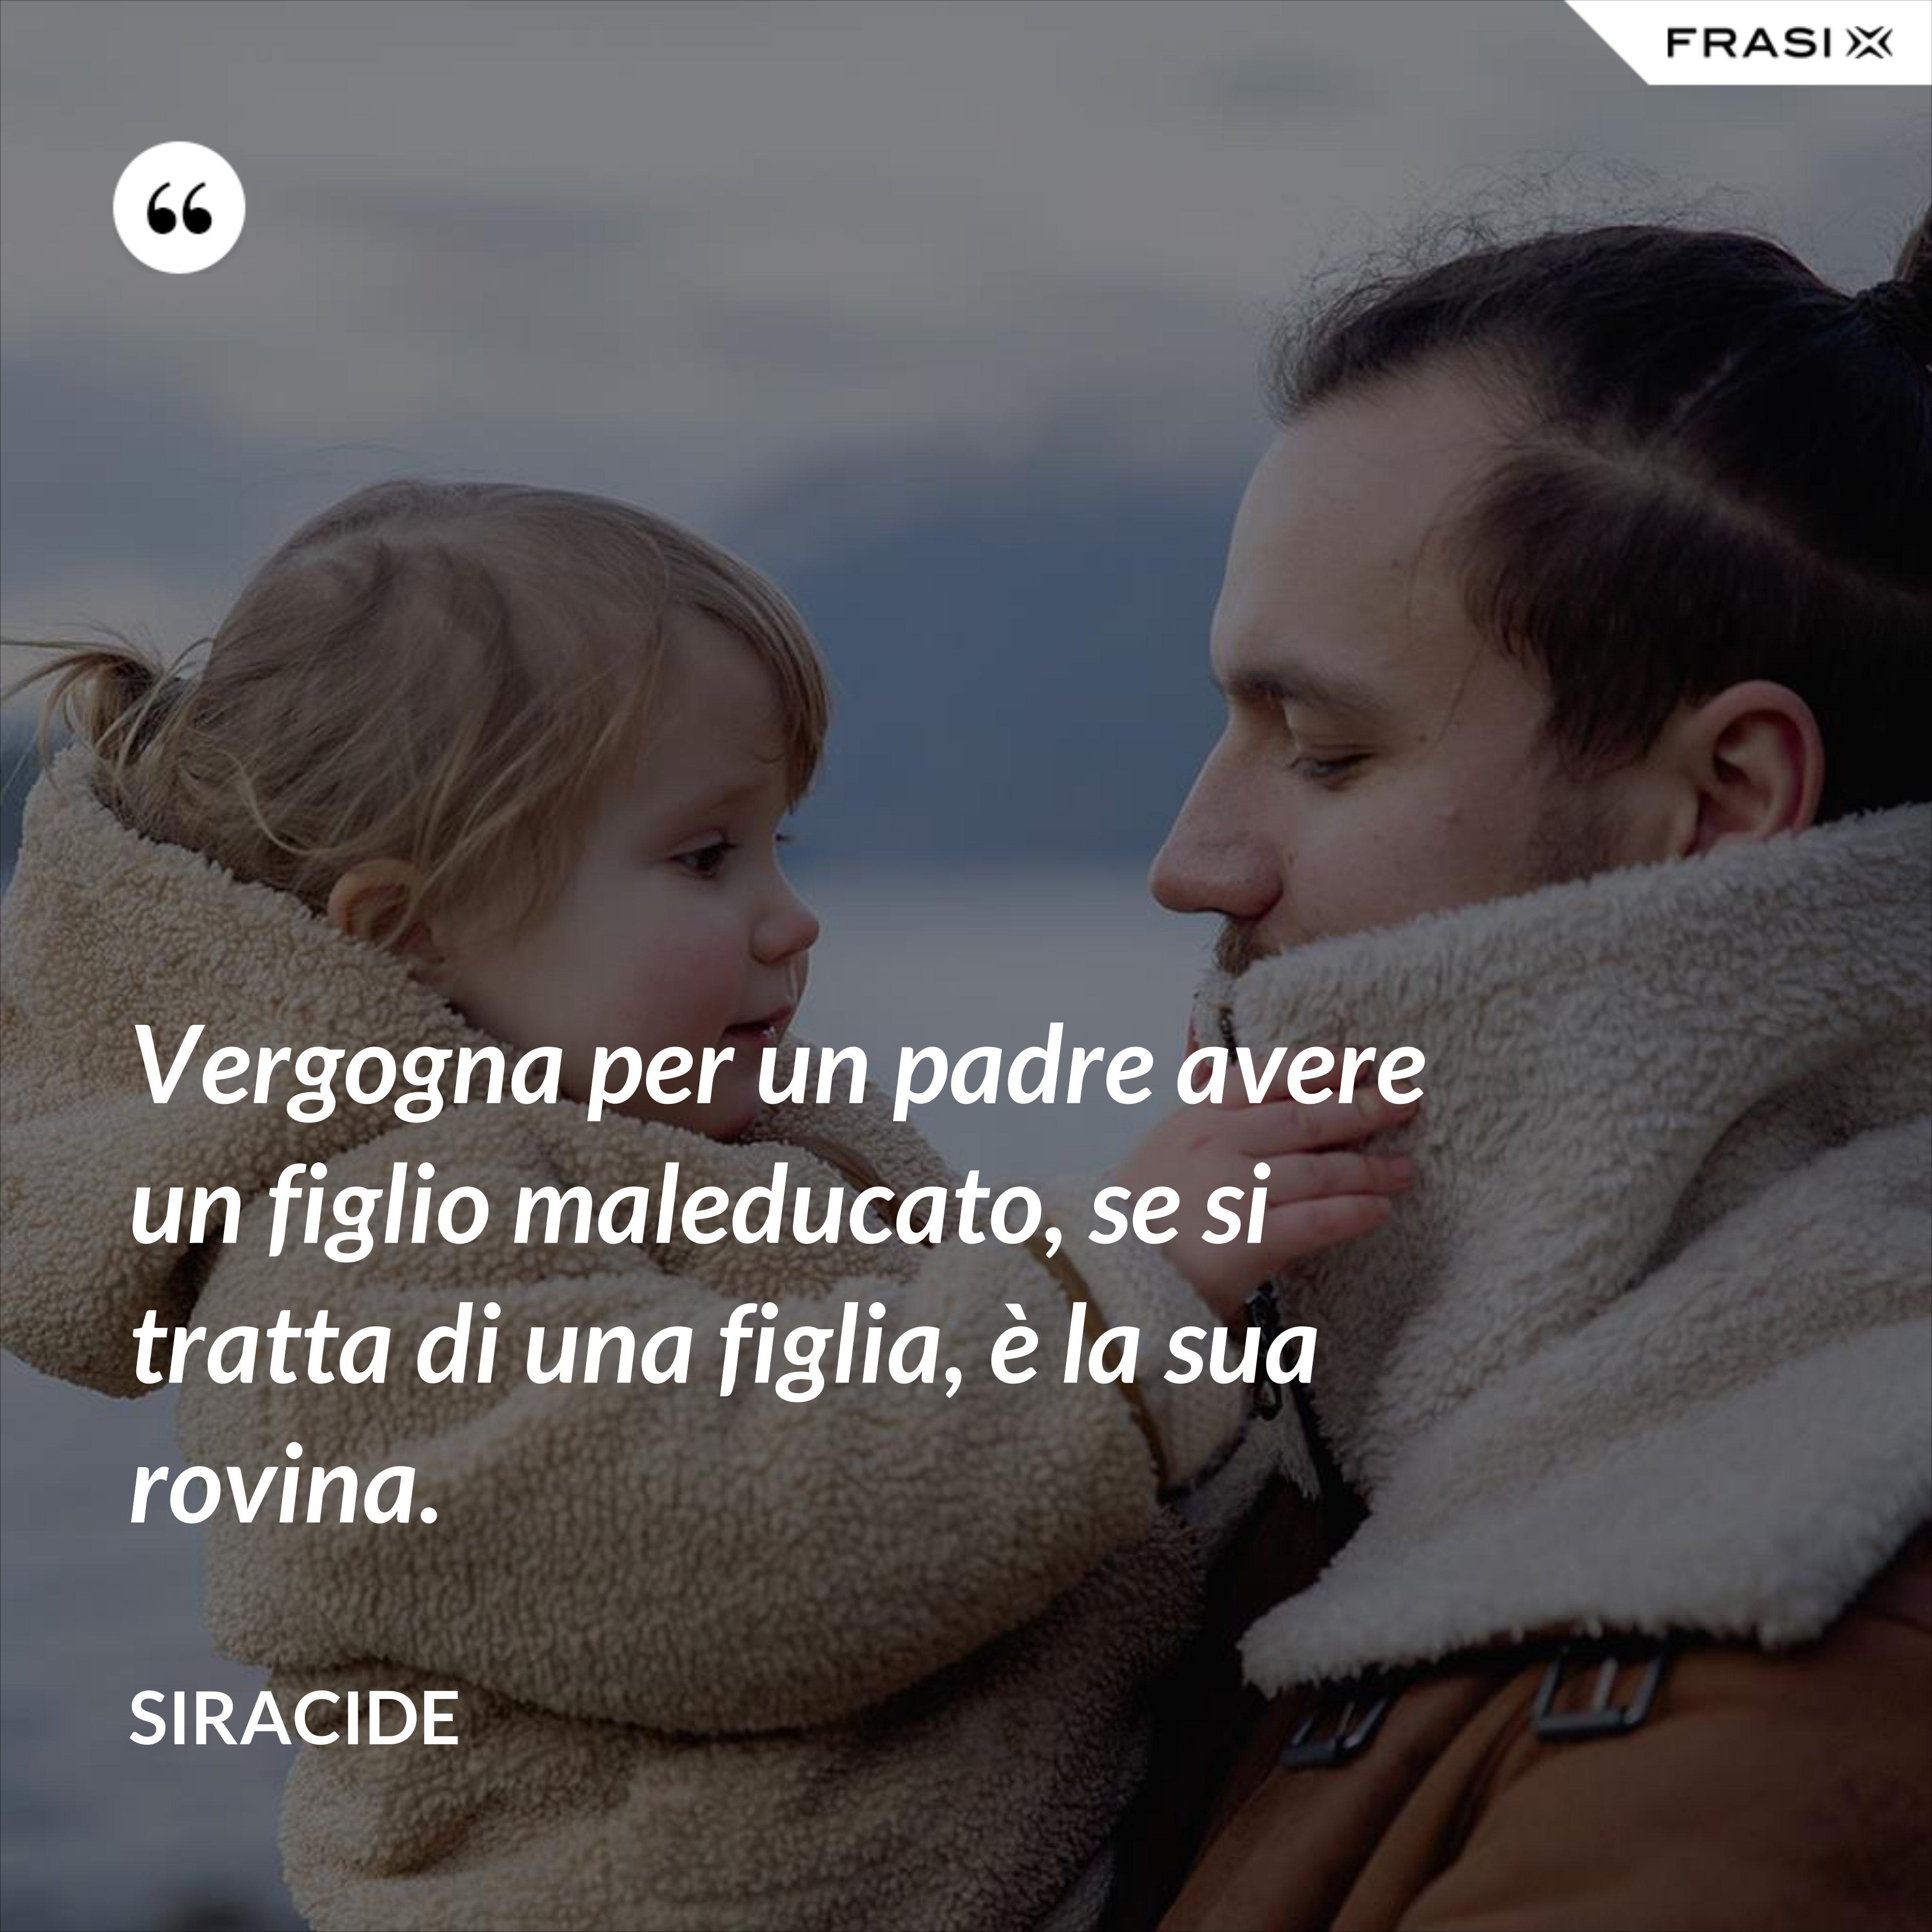 Vergogna per un padre avere un figlio maleducato, se si tratta di una figlia, è la sua rovina. - Siracide